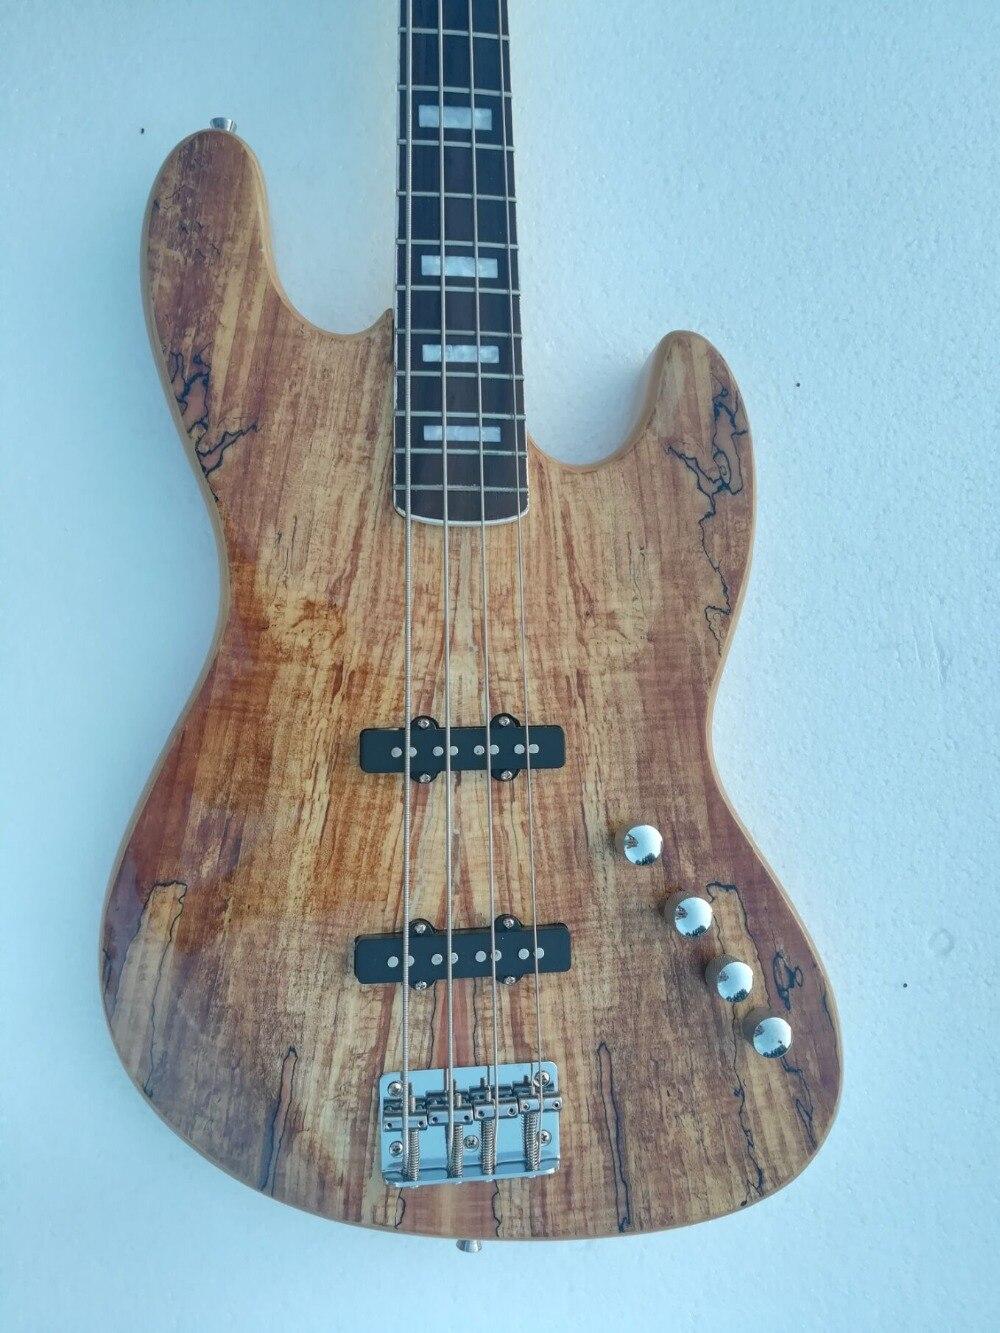 Usine en gros GYJB-5022 d'origine couleur Ronce grain couverture touche palissandre 4 cordes Precision Bass Guitare, Livraison gratuite